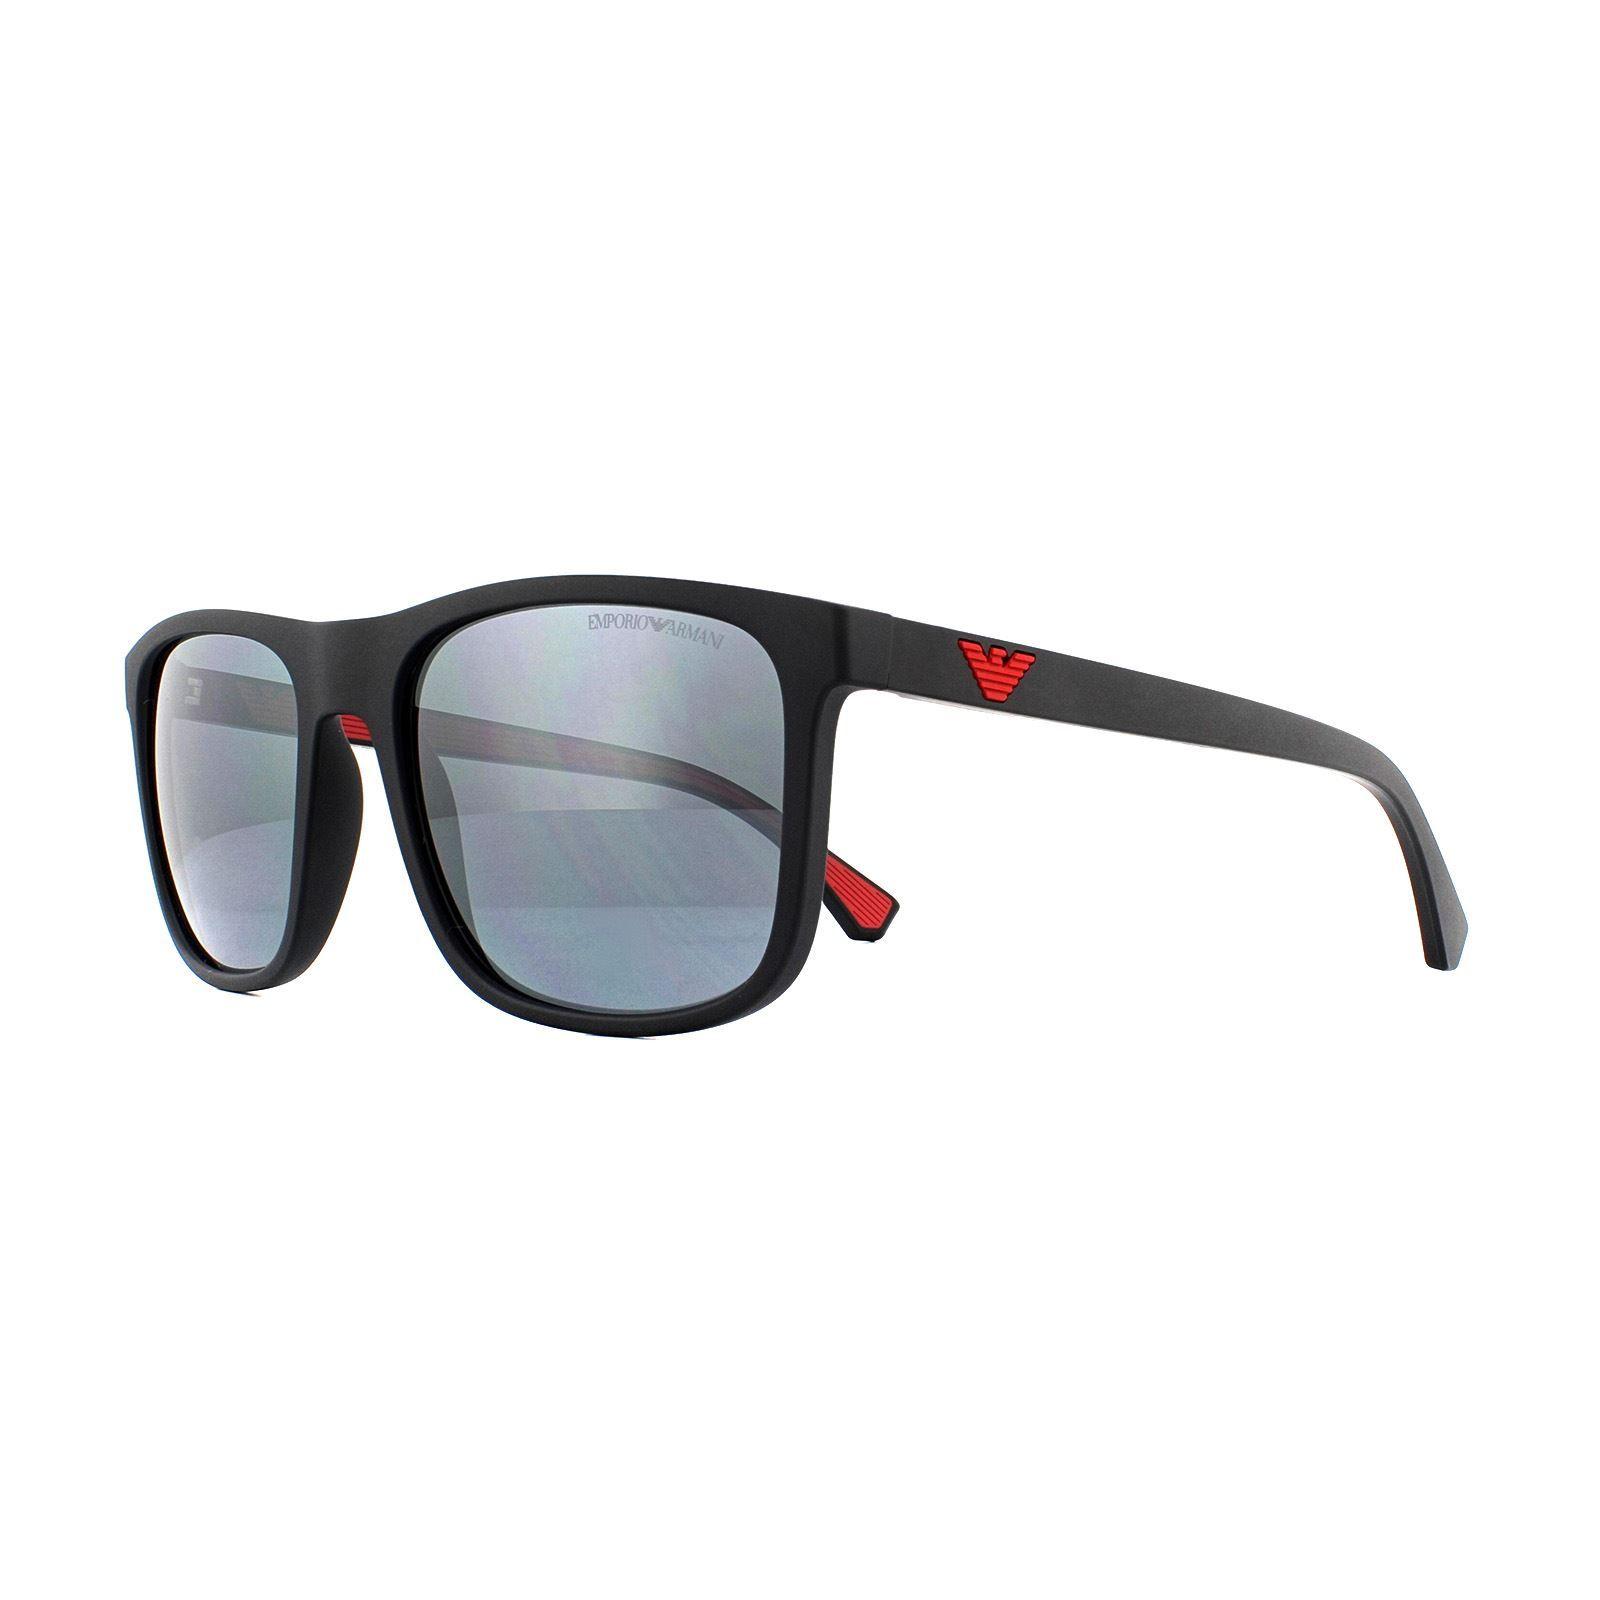 Emporio Armani Sunglasses 4129 50016G Matte Black Light Grey Mirror Black